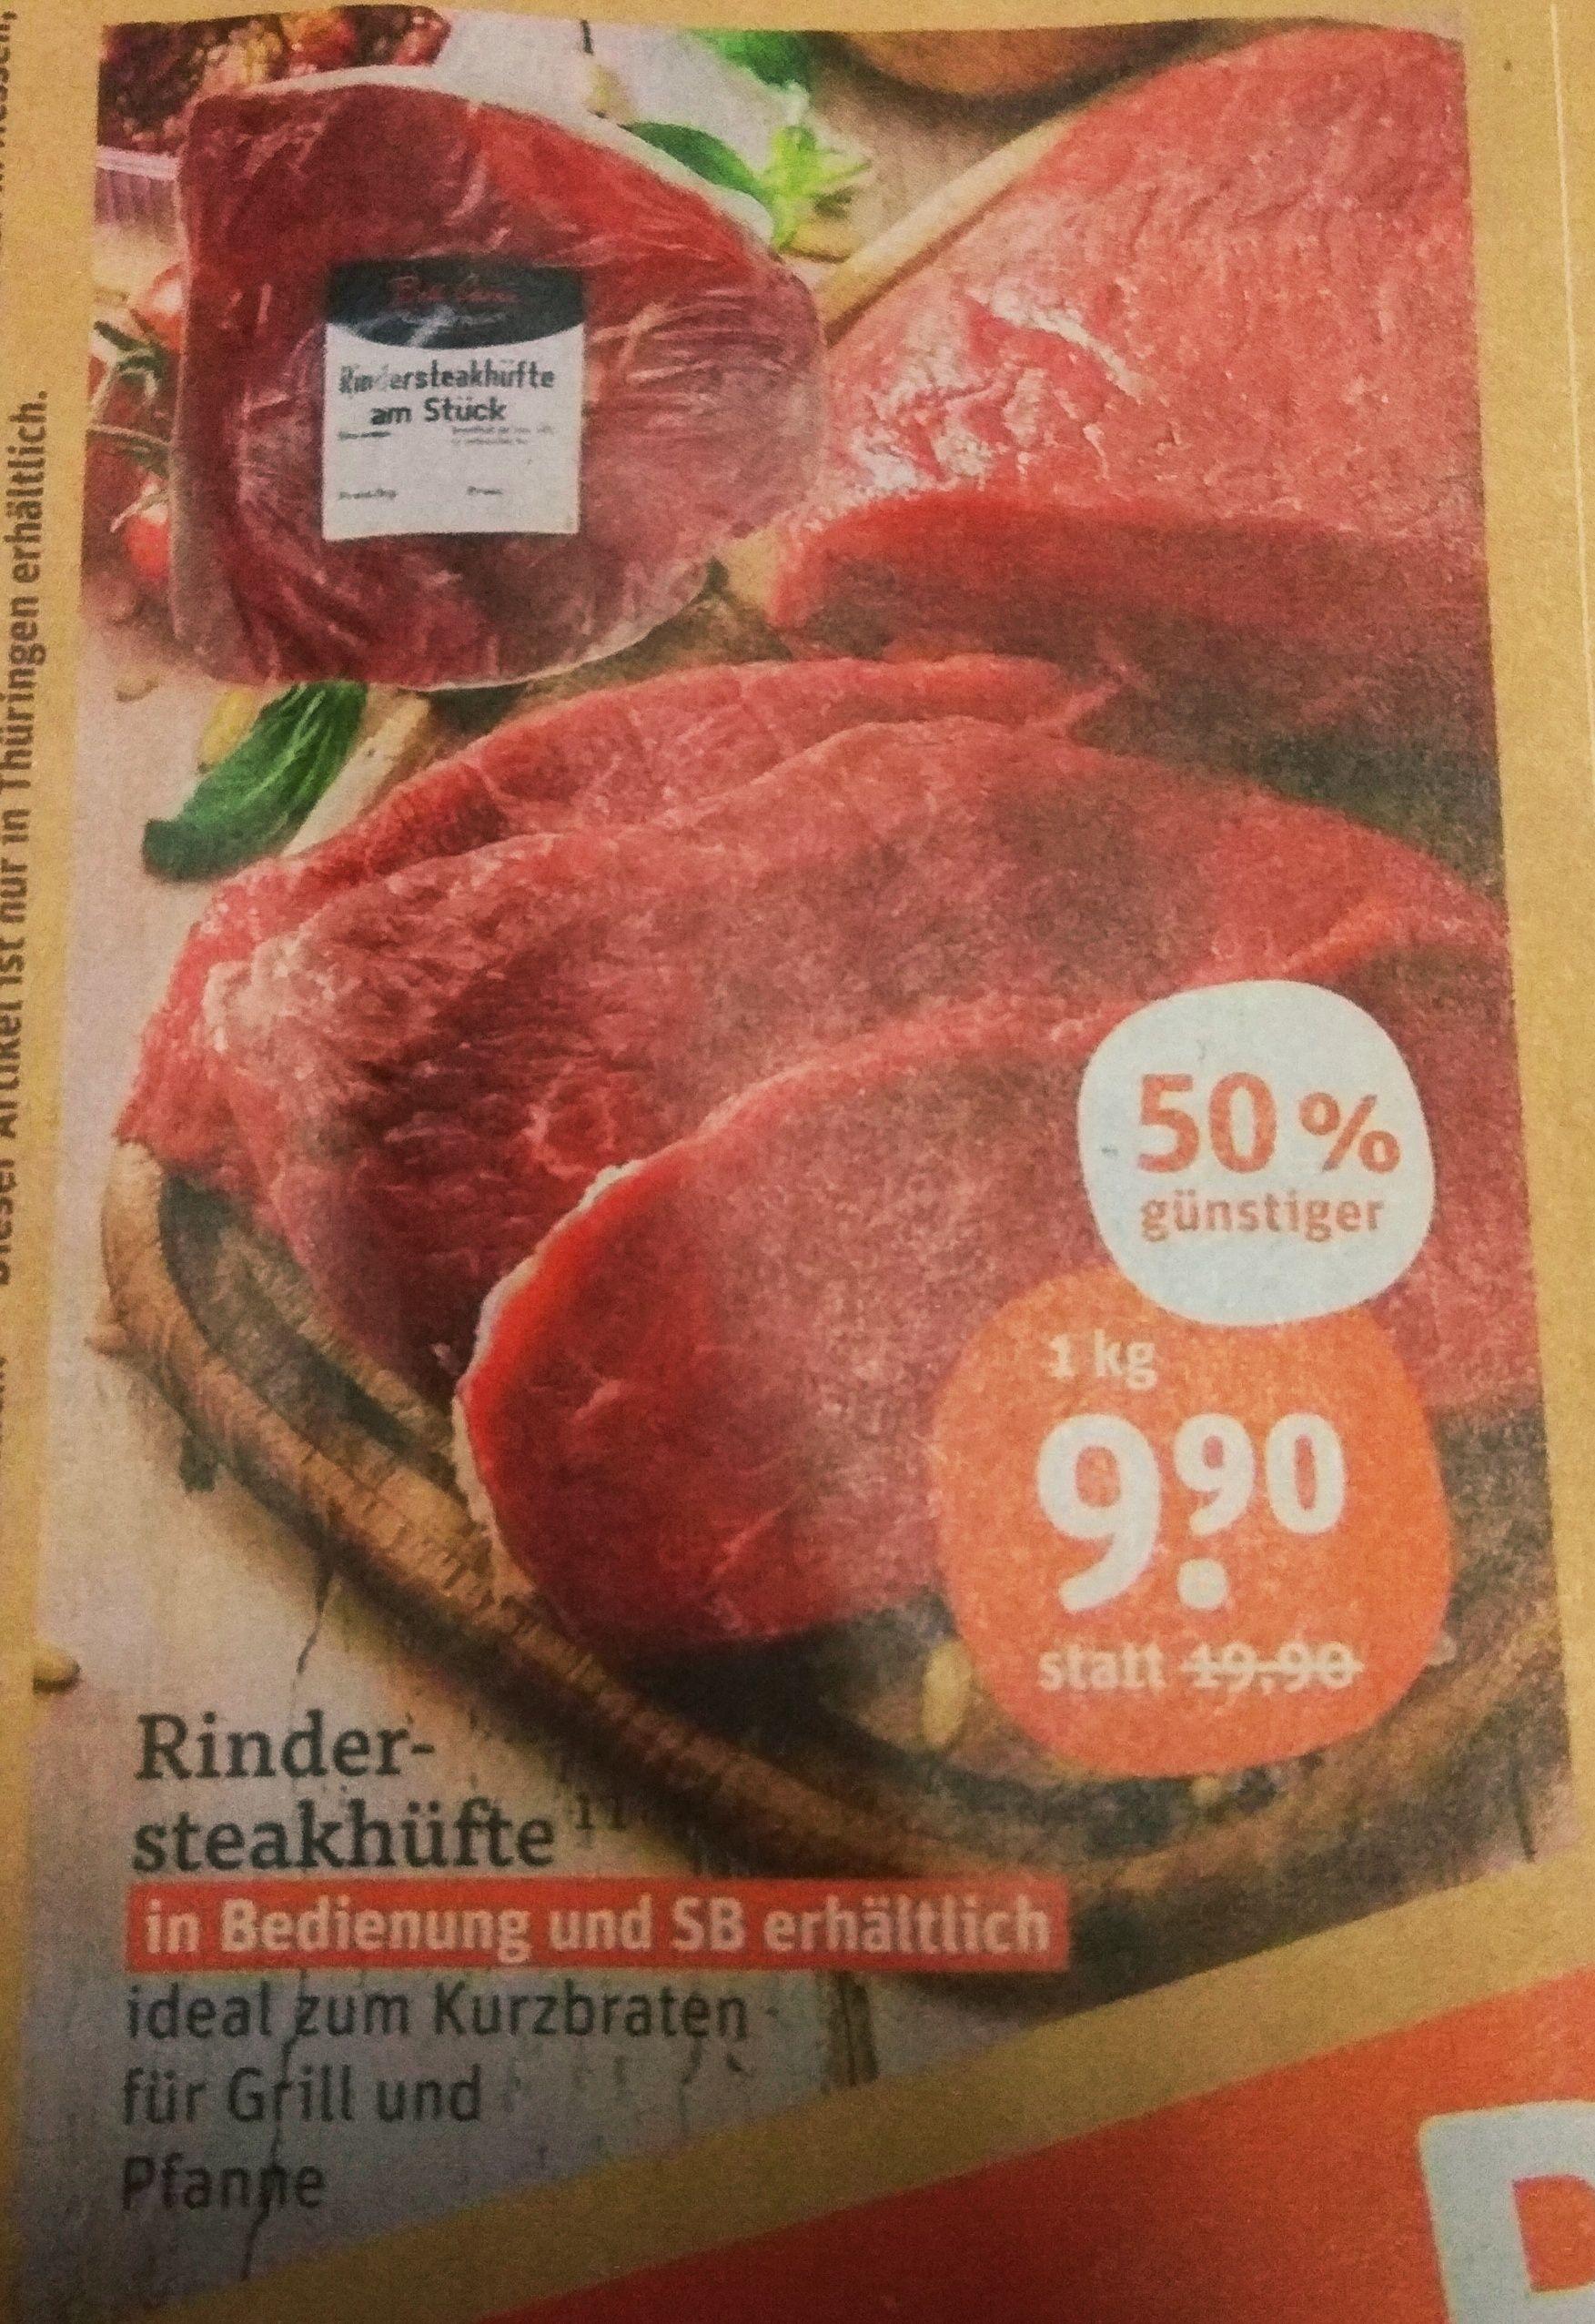 [Tegut] Rinderhüfte Kilopreis 9.99€